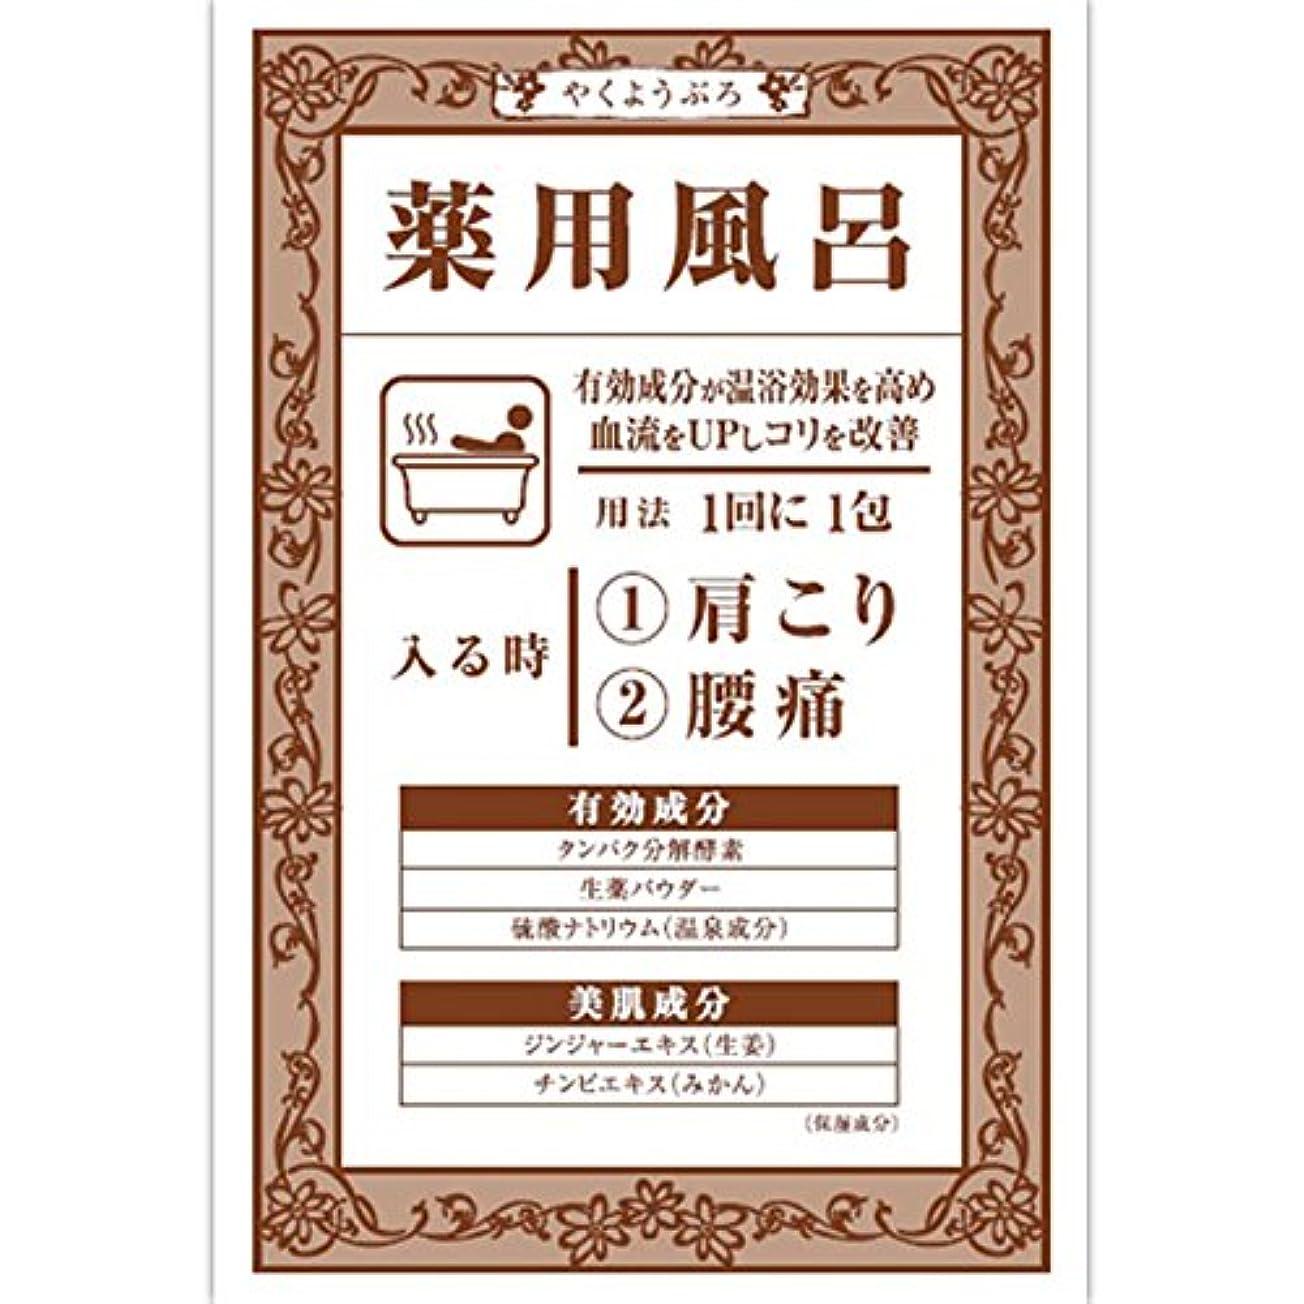 つらい遠征隠す大山 薬用風呂KKa(肩こり?腰痛) 40G(医薬部外品)